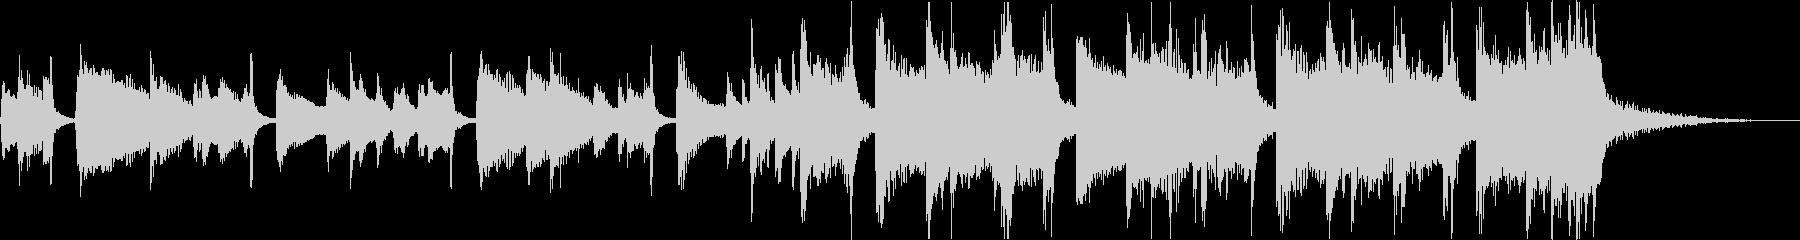 アコギヒップホップ感動洋楽コーポレートdの未再生の波形